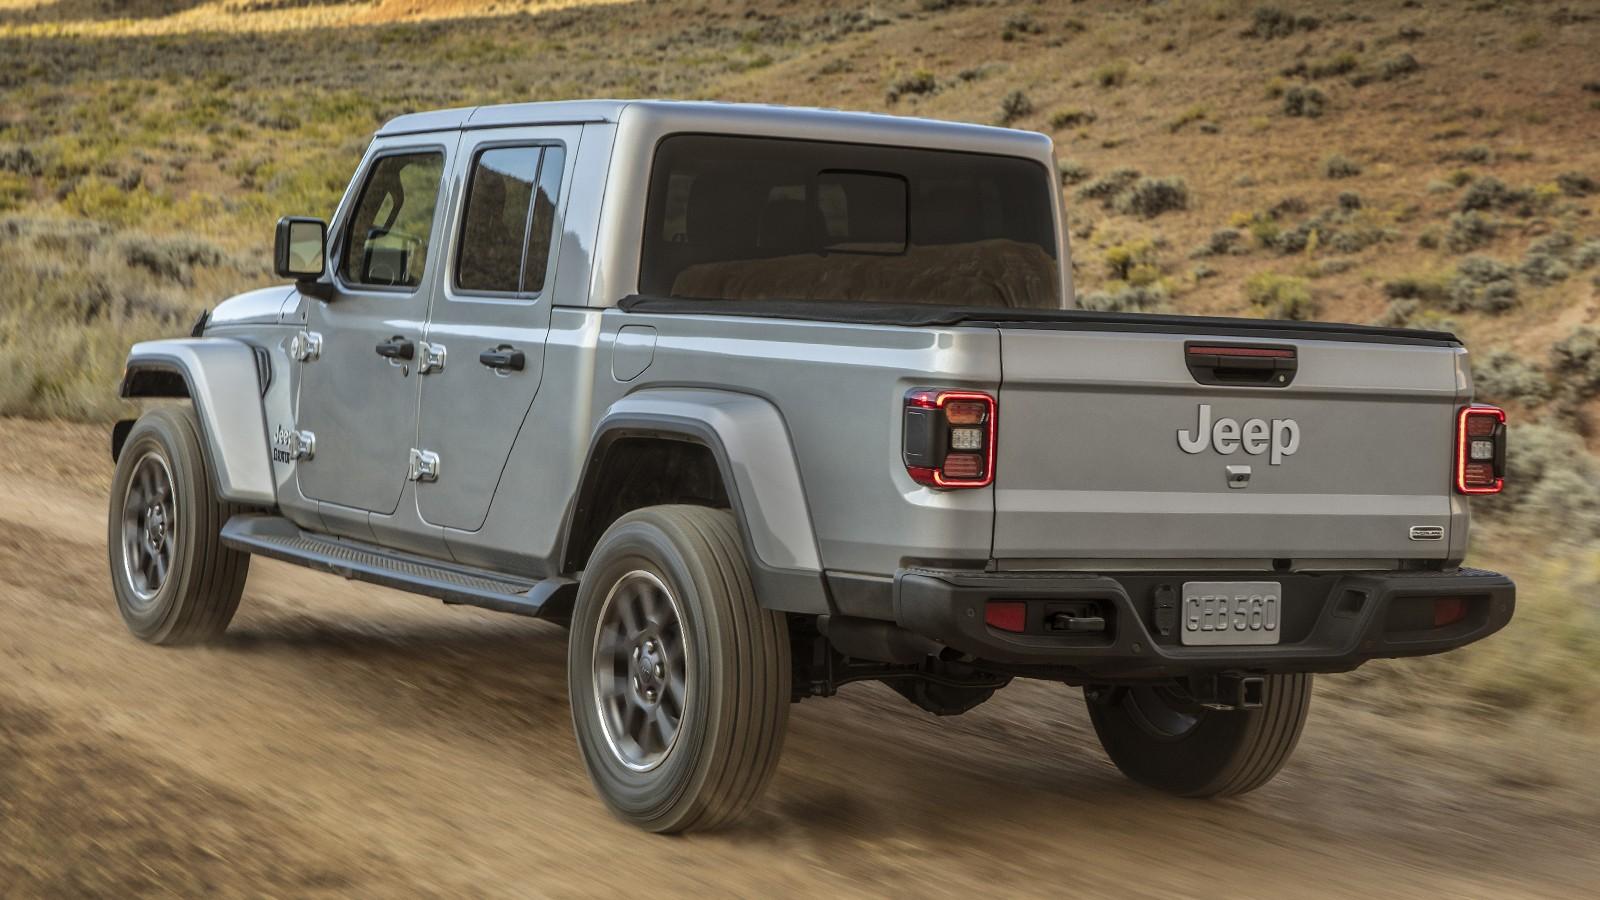 jeep_gladiator_overland_8